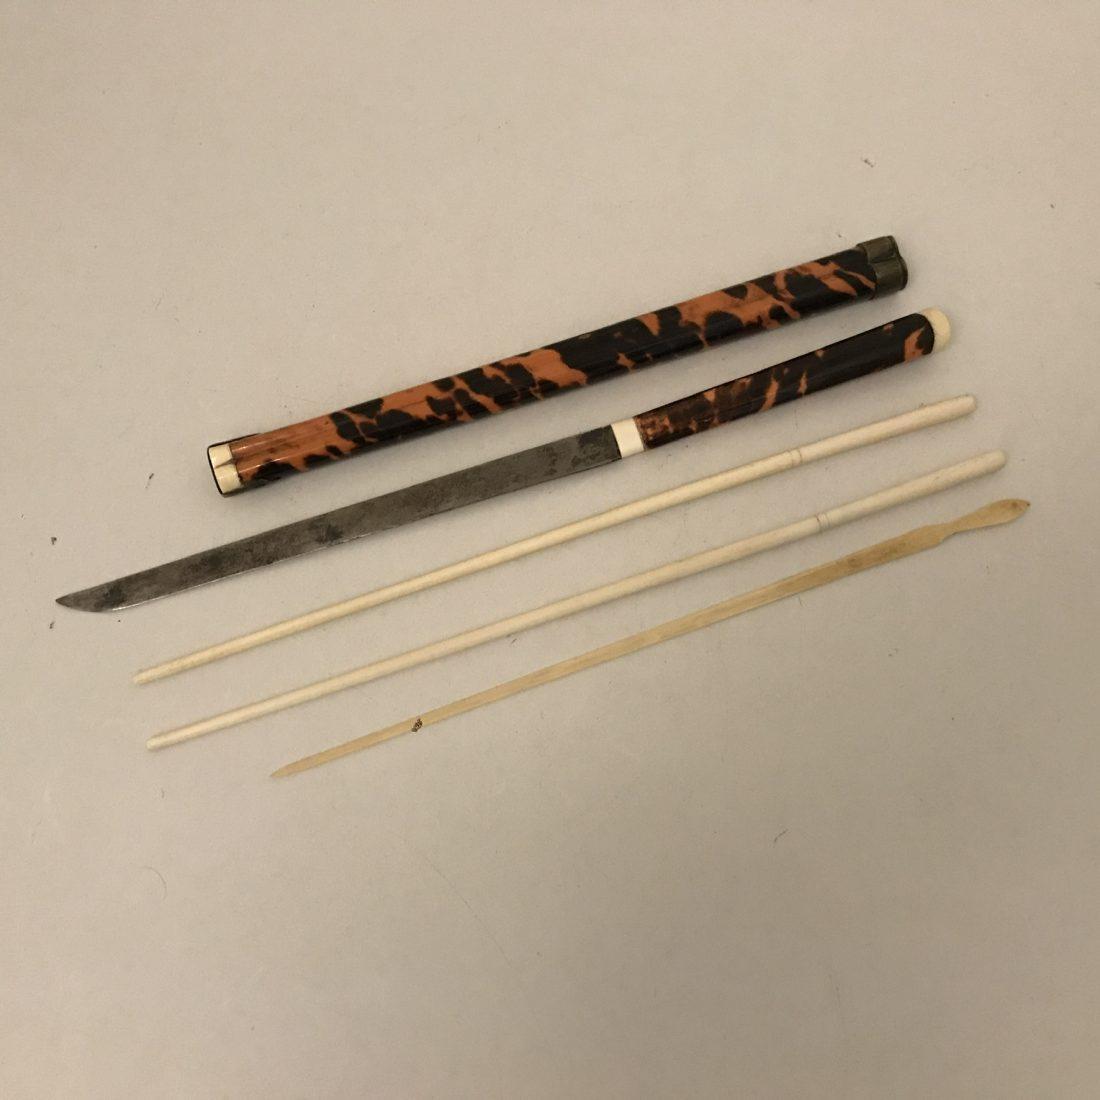 Ivoren chopsticks en mes in houder van schildpad, Japan, 19e eeuw